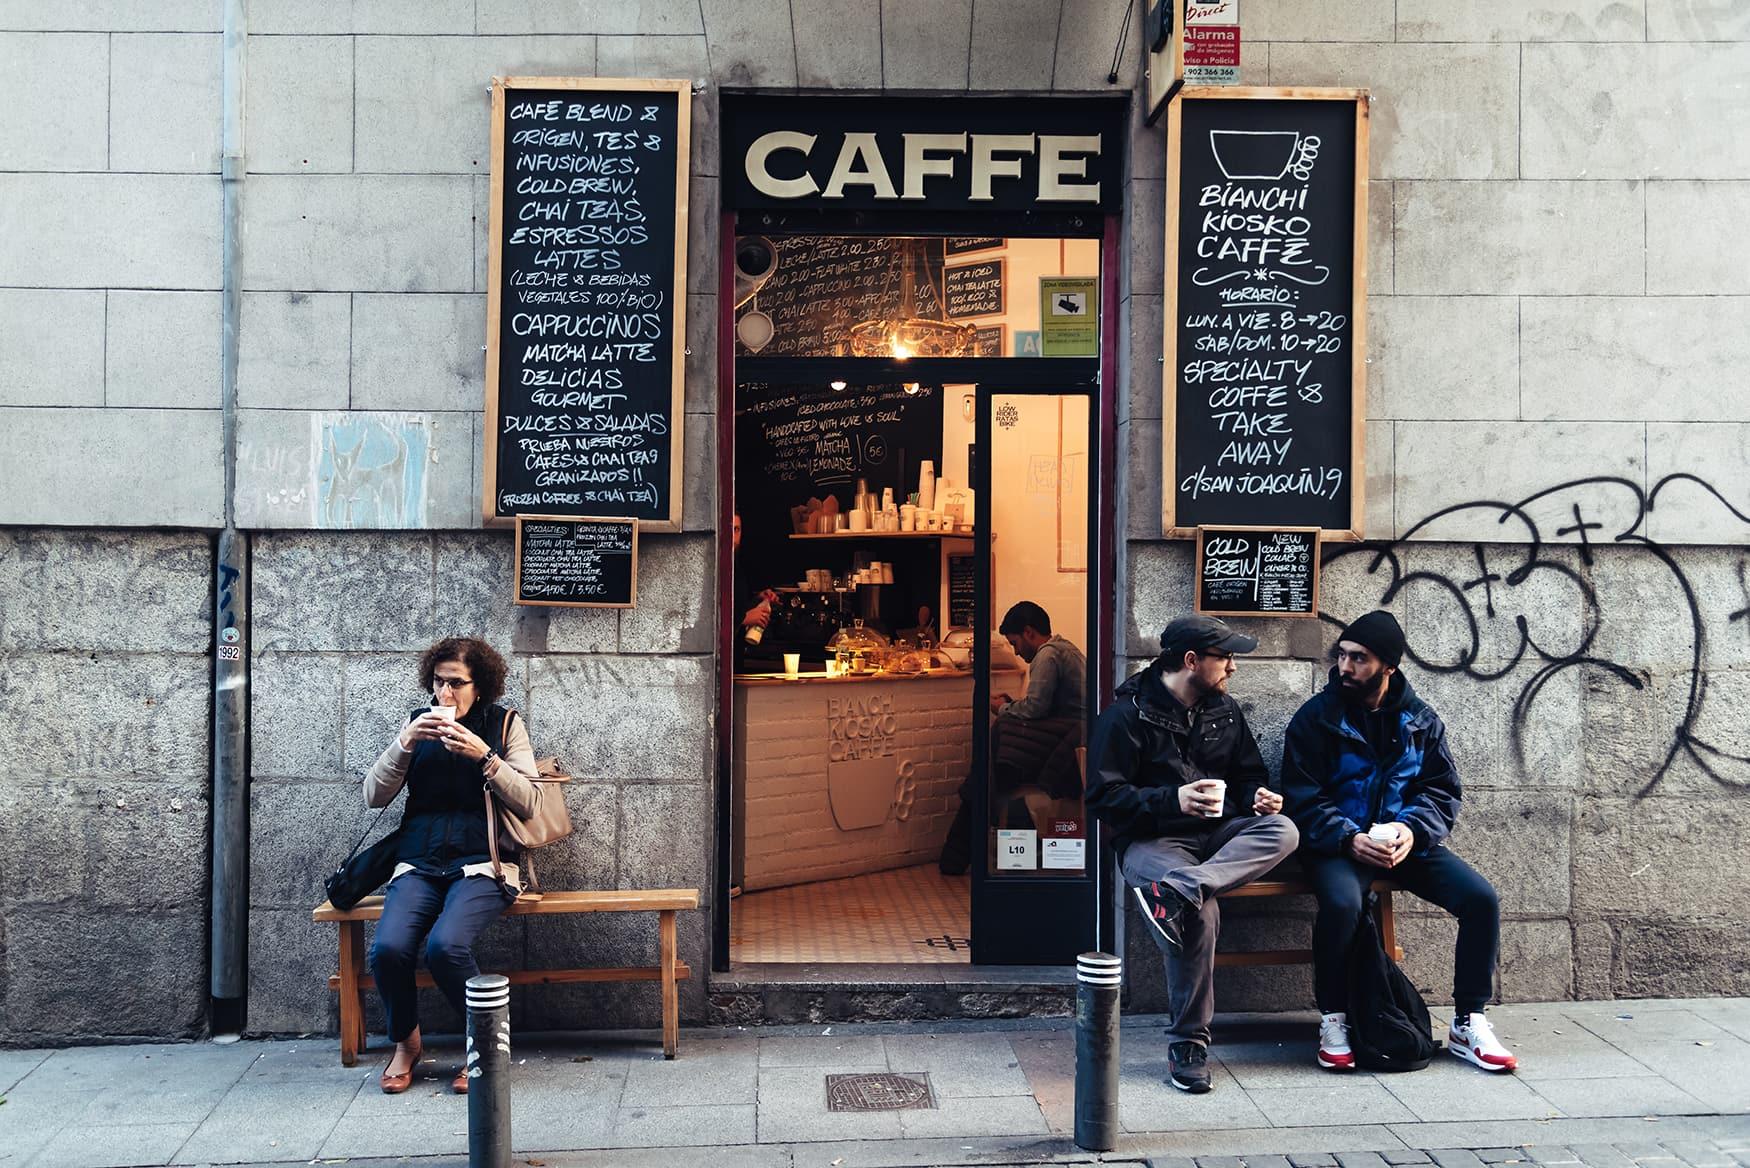 Einheimische vor Café in Madrid